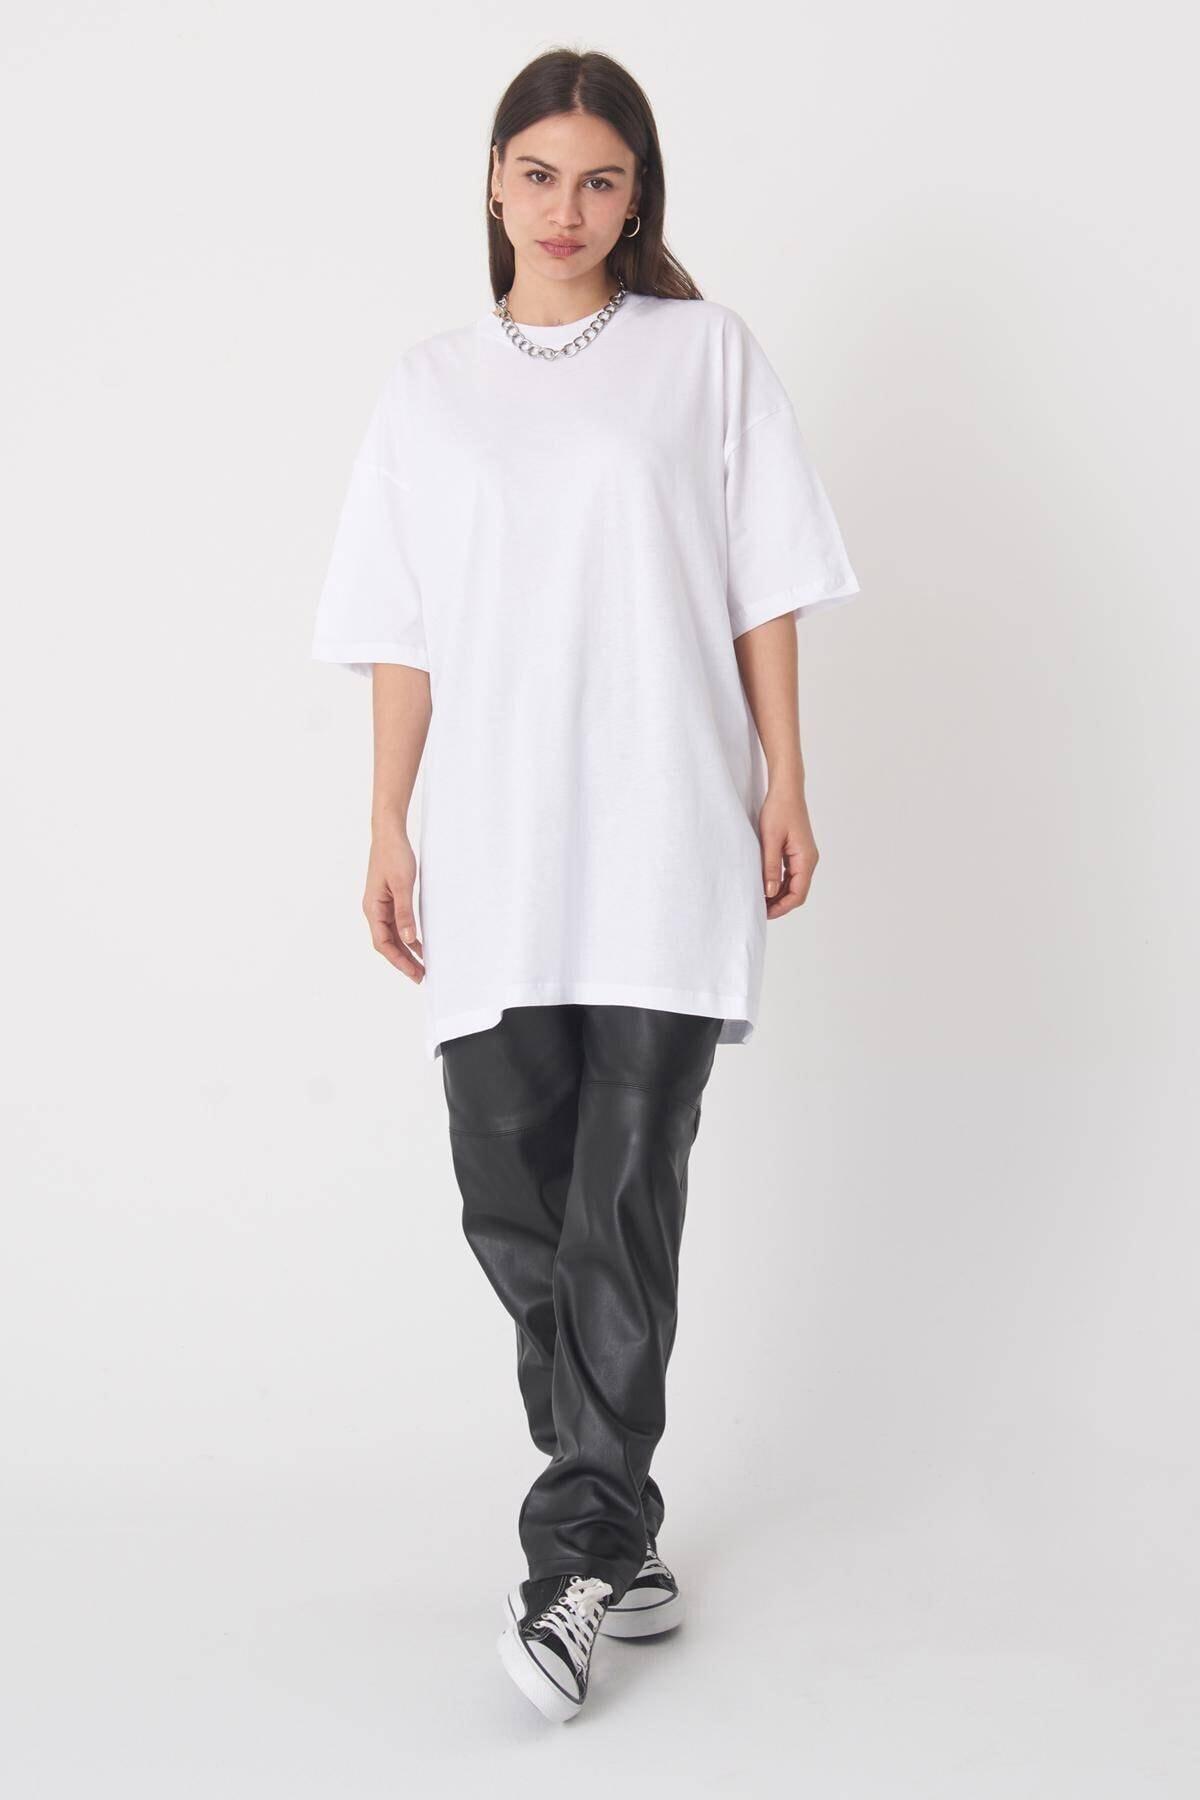 Addax Kadın Beyaz Oversize Tişört P0731 - İ5 ADX-0000020596 1